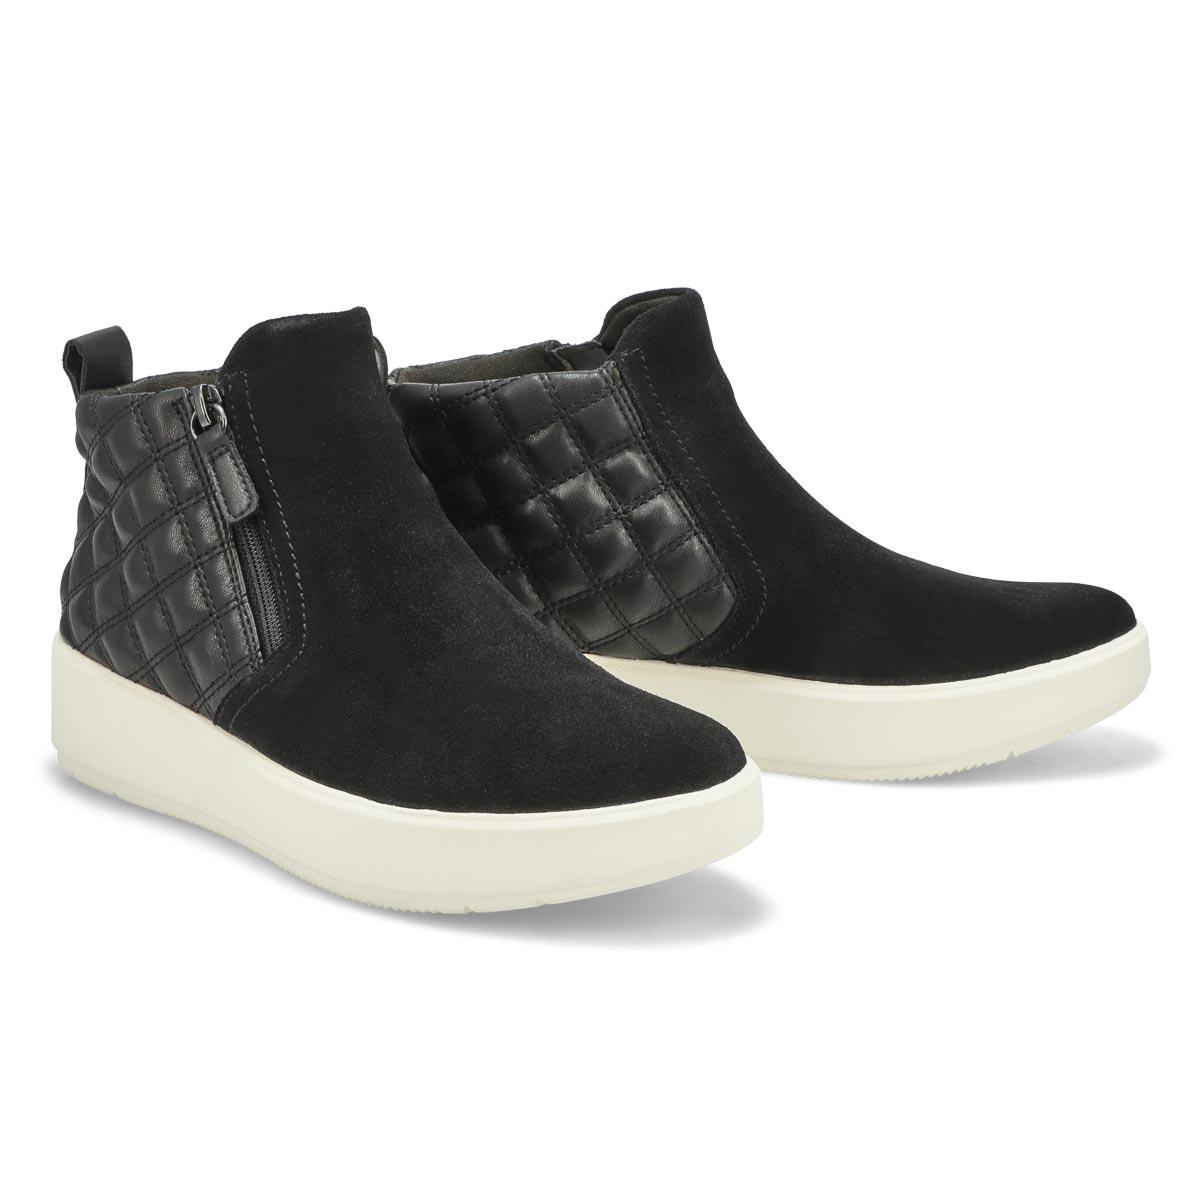 Chaussure décontractée Layton Zip, noir, femme